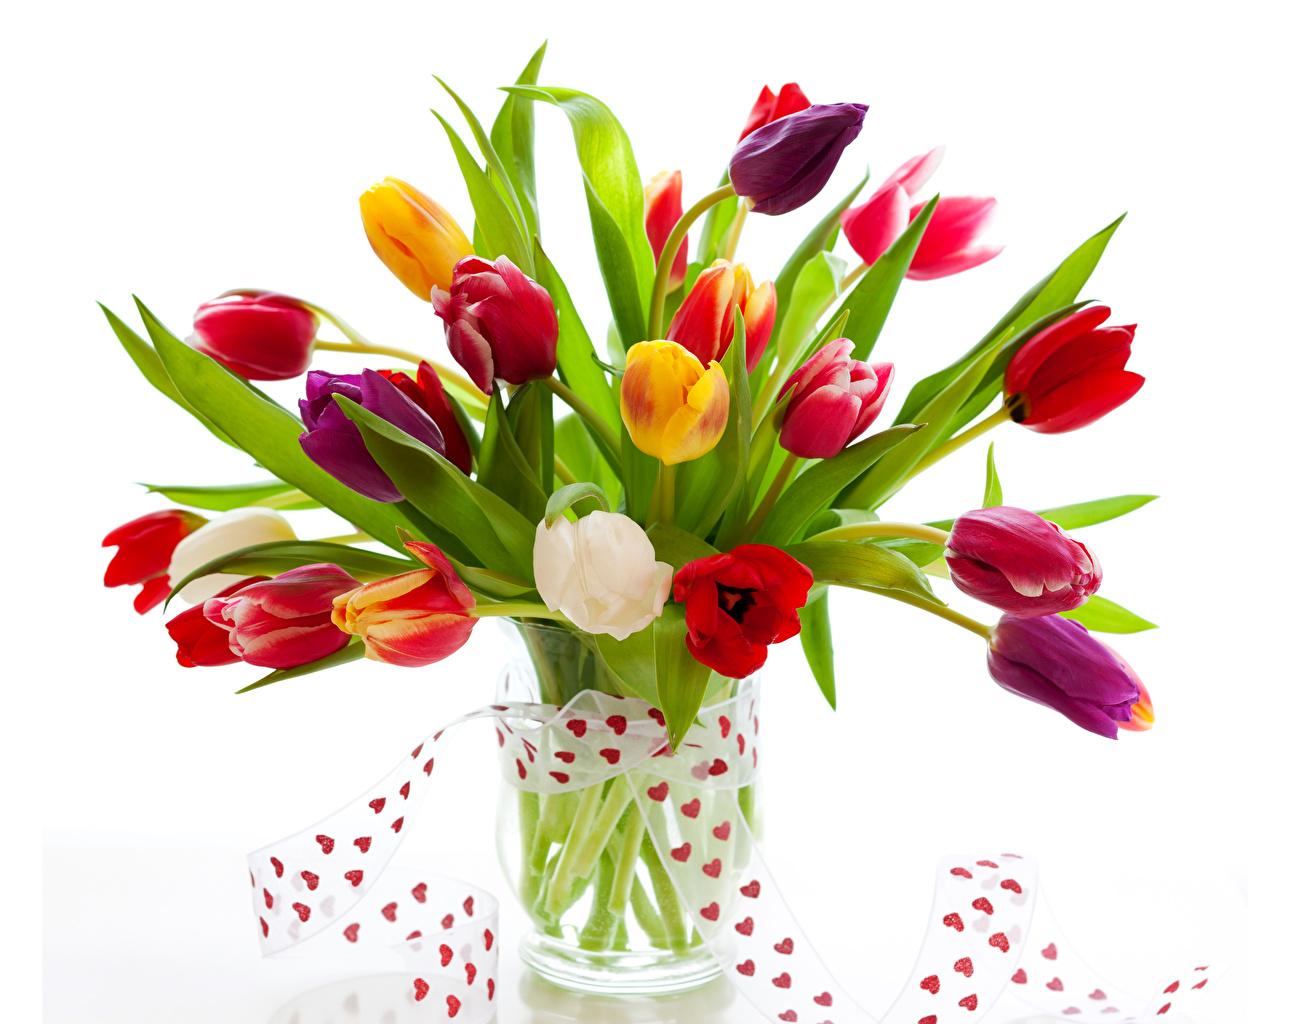 Фотографии День святого Валентина сердца тюльпан цветок вазе Лента белом фоне День всех влюблённых серце Сердце сердечко Тюльпаны Цветы Ваза вазы ленточка Белый фон белым фоном